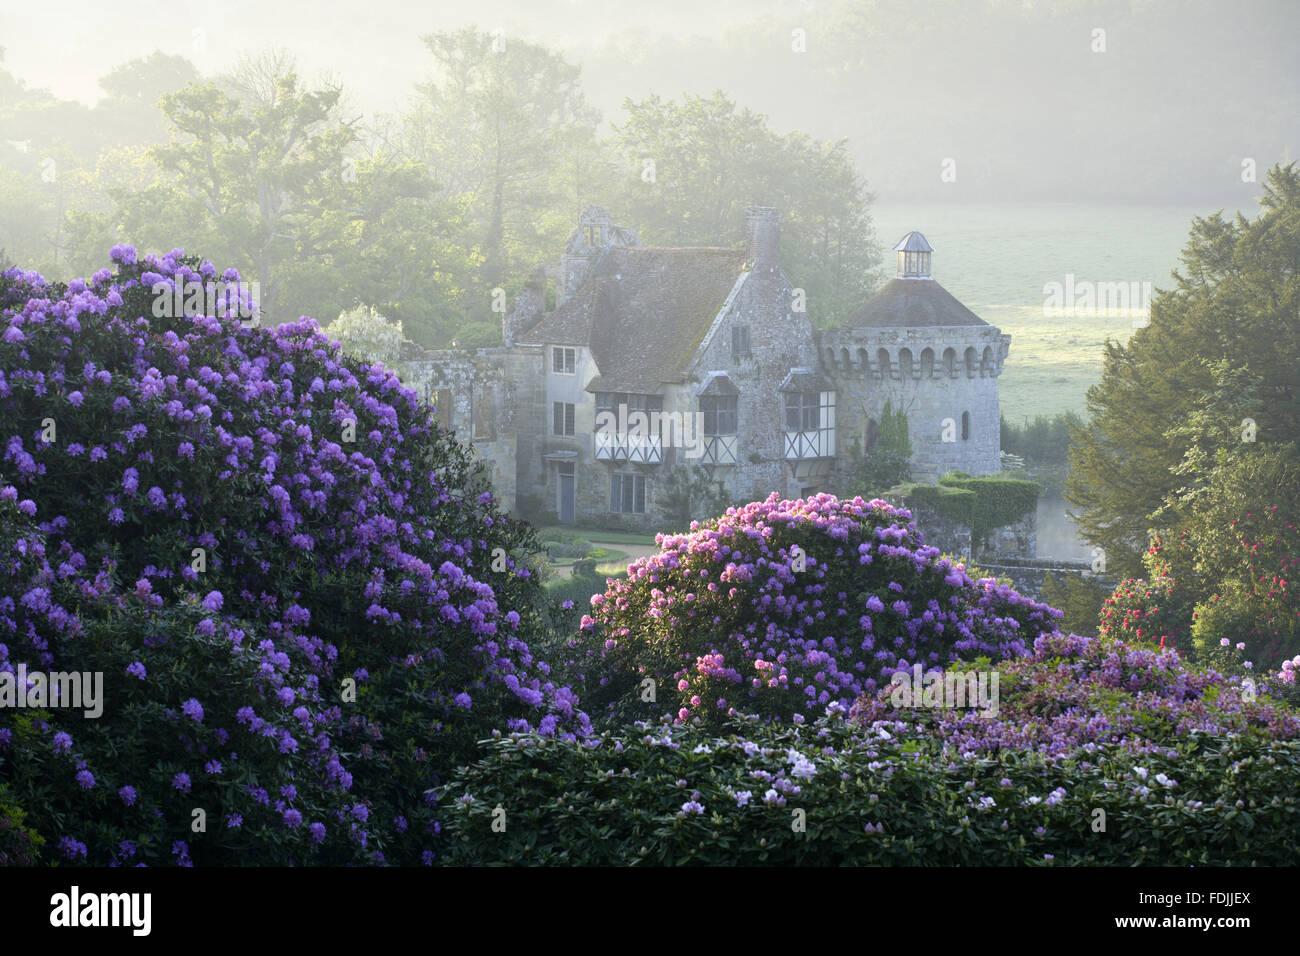 Les ruines du quatorzième siècle château à douves, Lamberhurst Scotney, Kent, situé au milieu de beaux jardins. Banque D'Images